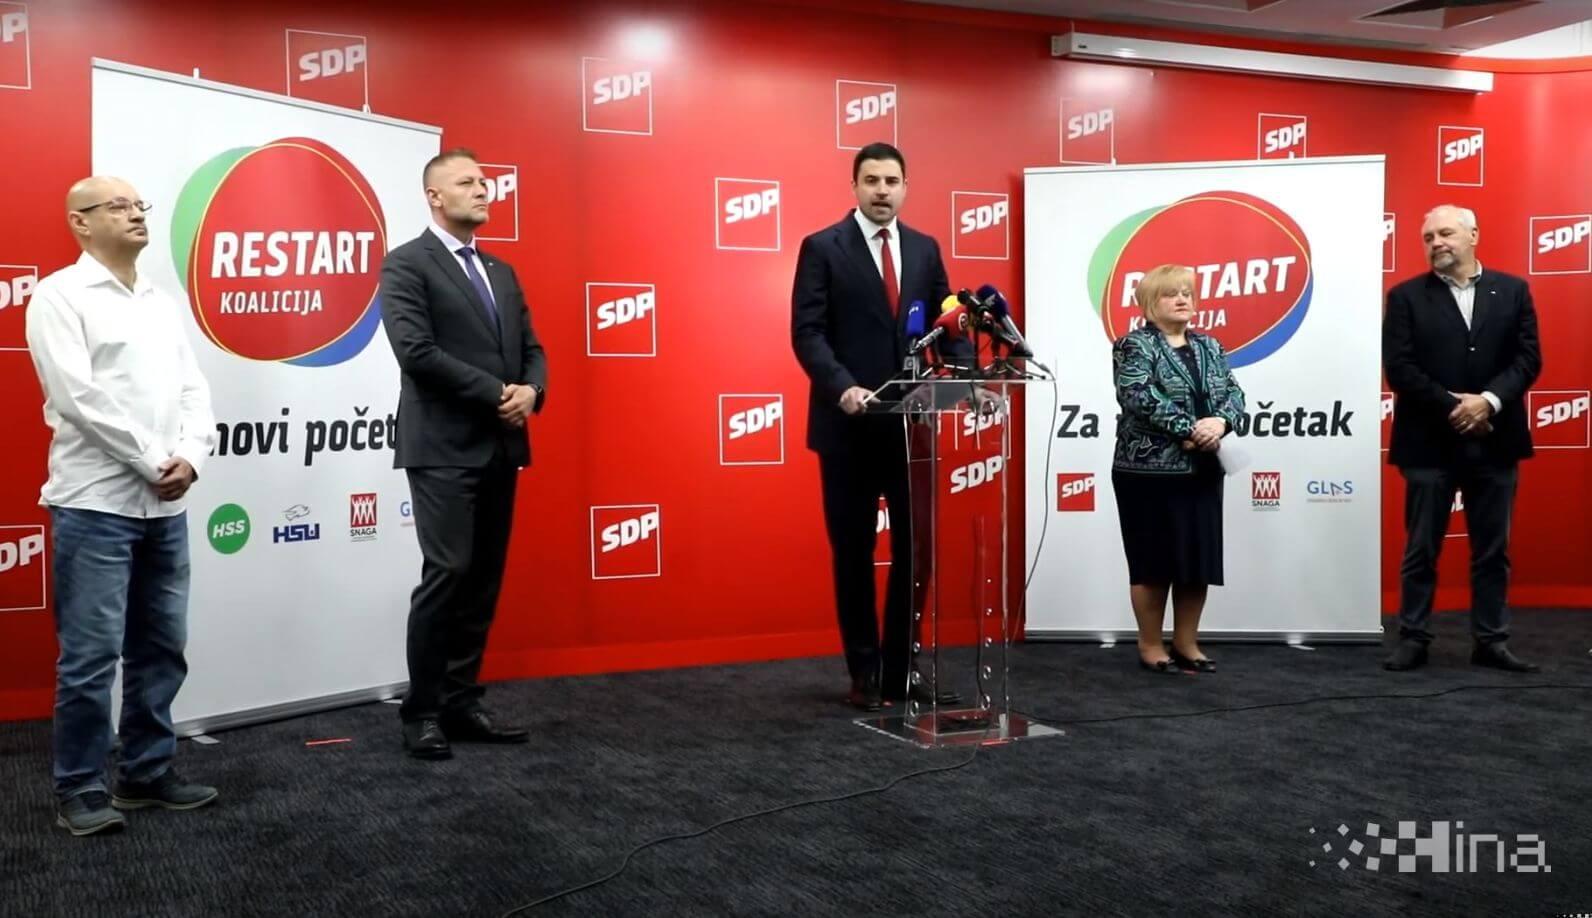 SDP predstavio koaliciju Restart: Reforma pravosuđa, moderno zdravstvo, pravični mirovinski sustav